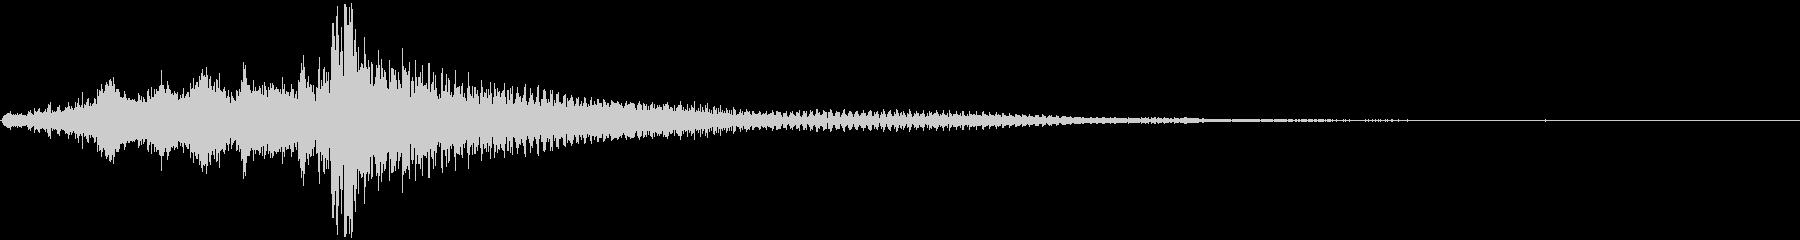 Sham_Jin_Slideupの未再生の波形